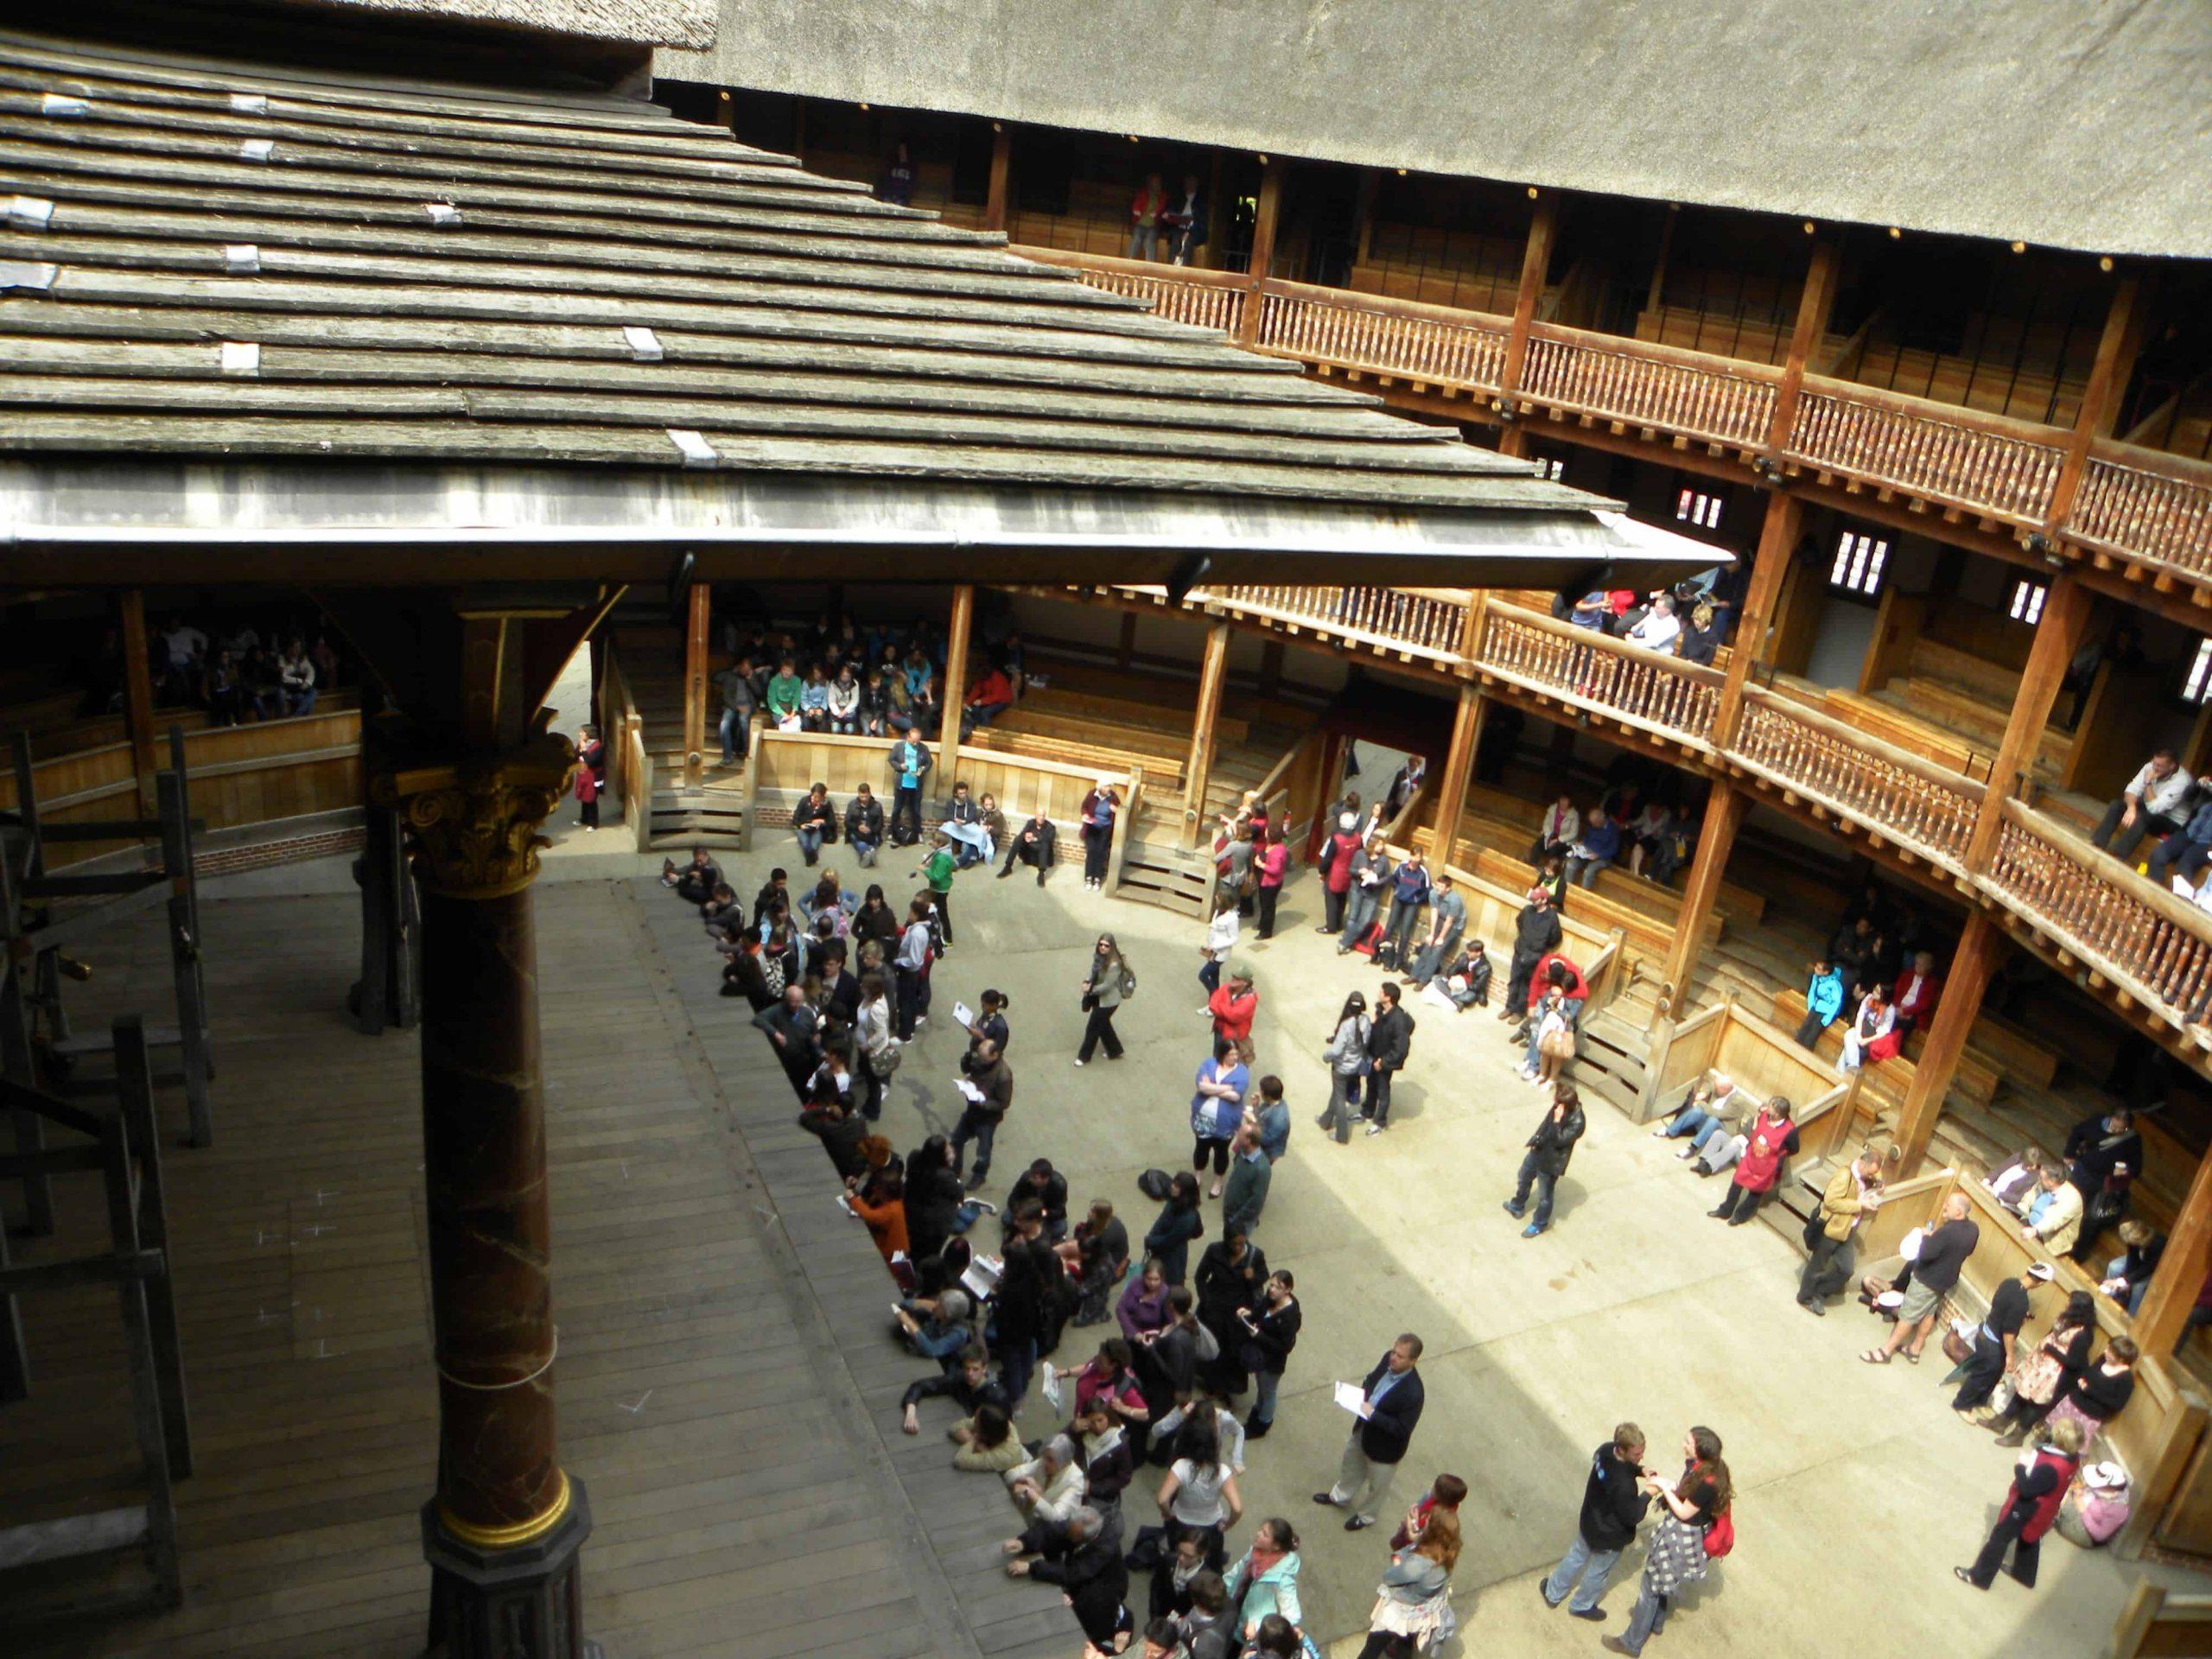 L'intérieur du Globe theatre. Une vieille salle de spectacle ou Shakespeare présentait des pièces.